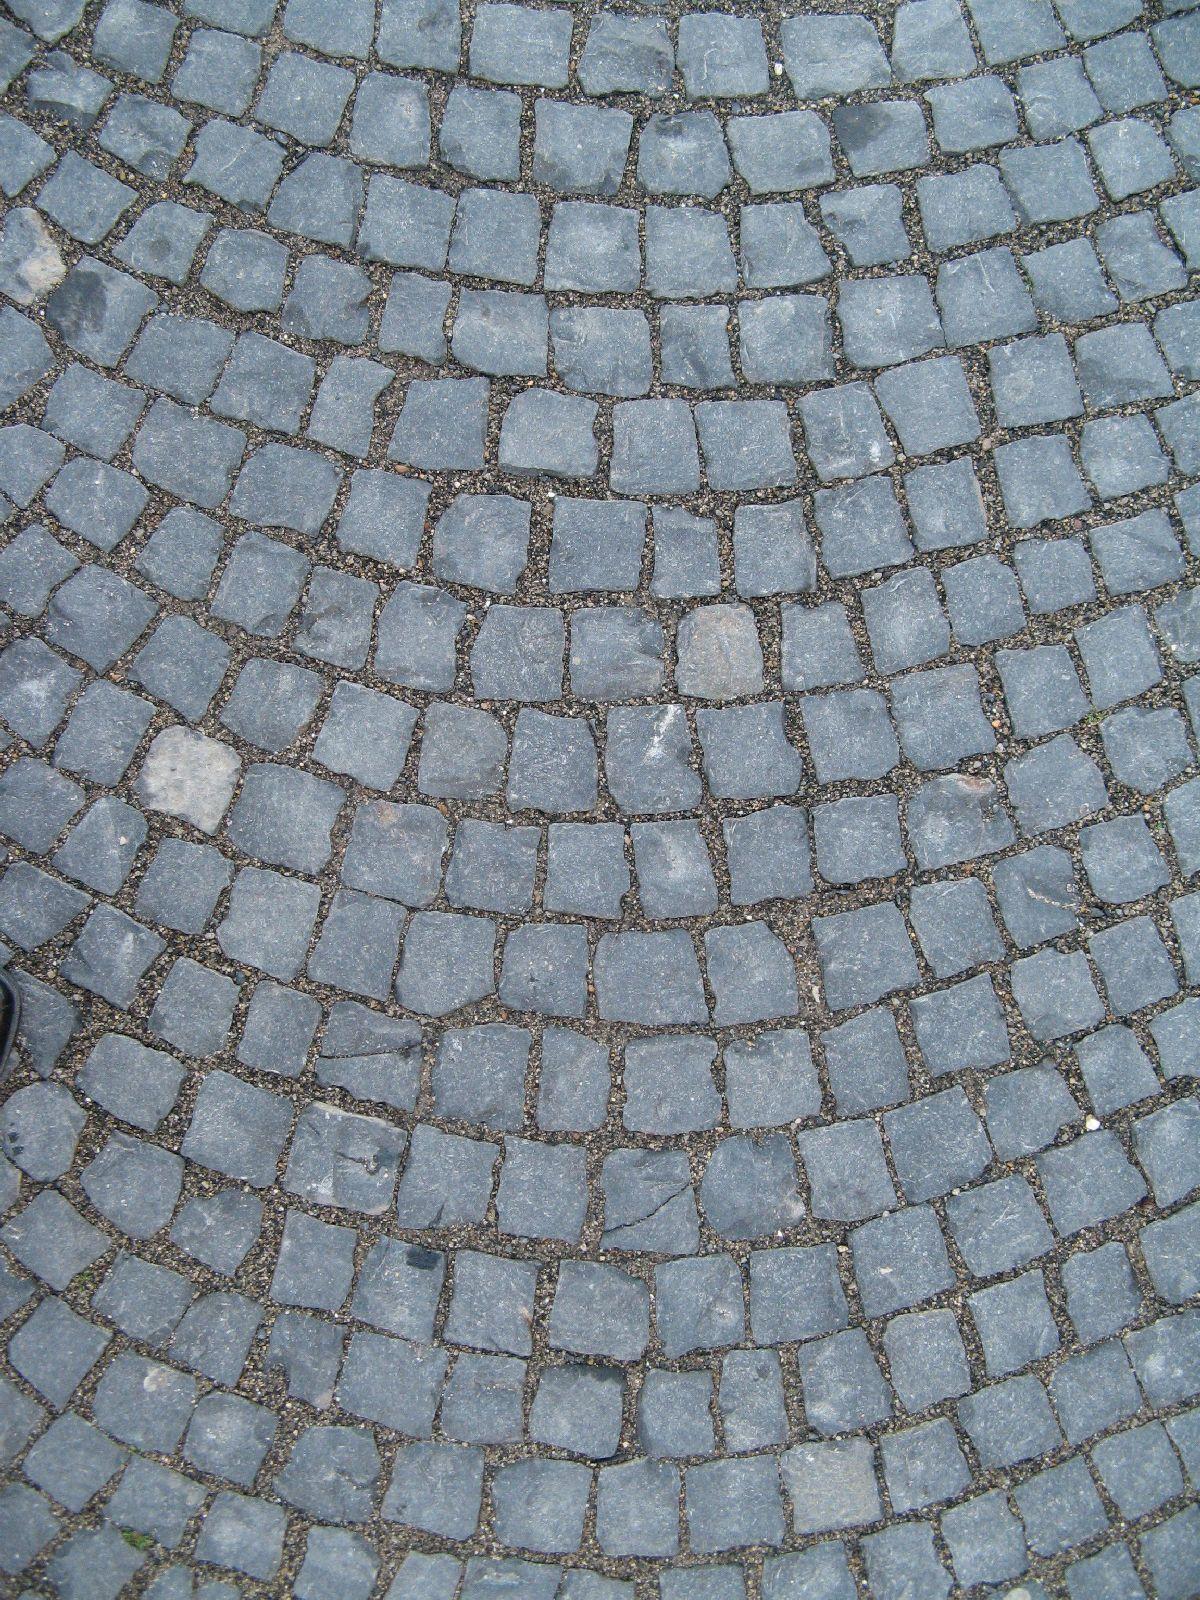 Ground-Urban_Texture_B_0629